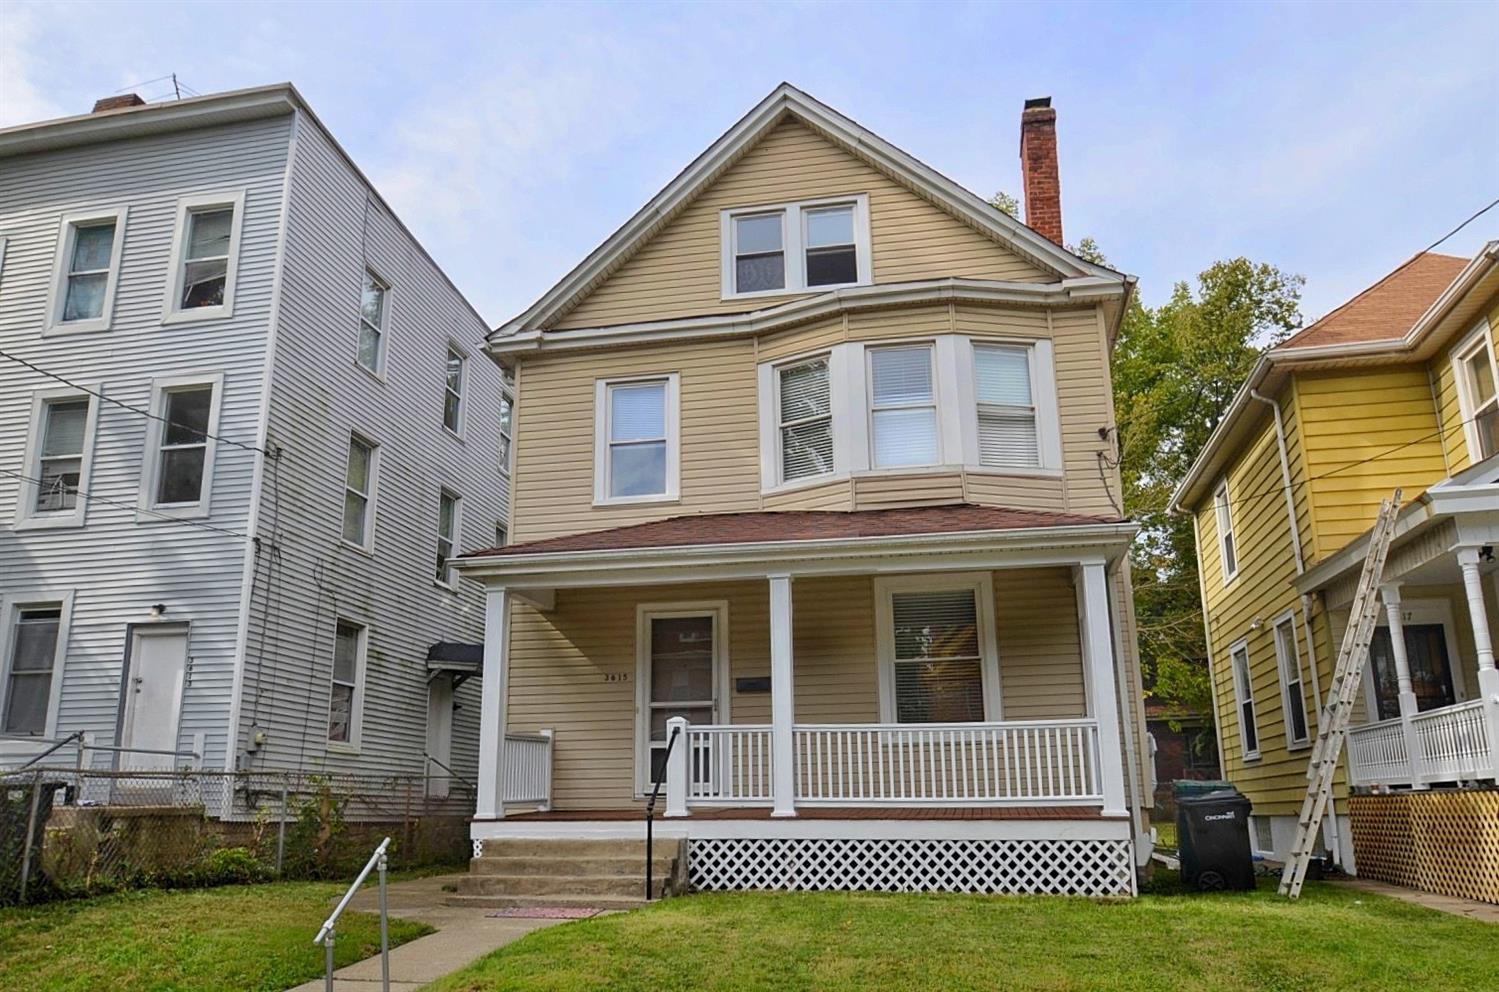 Property for sale at 3615 Trimble Avenue, Cincinnati,  OH 45207